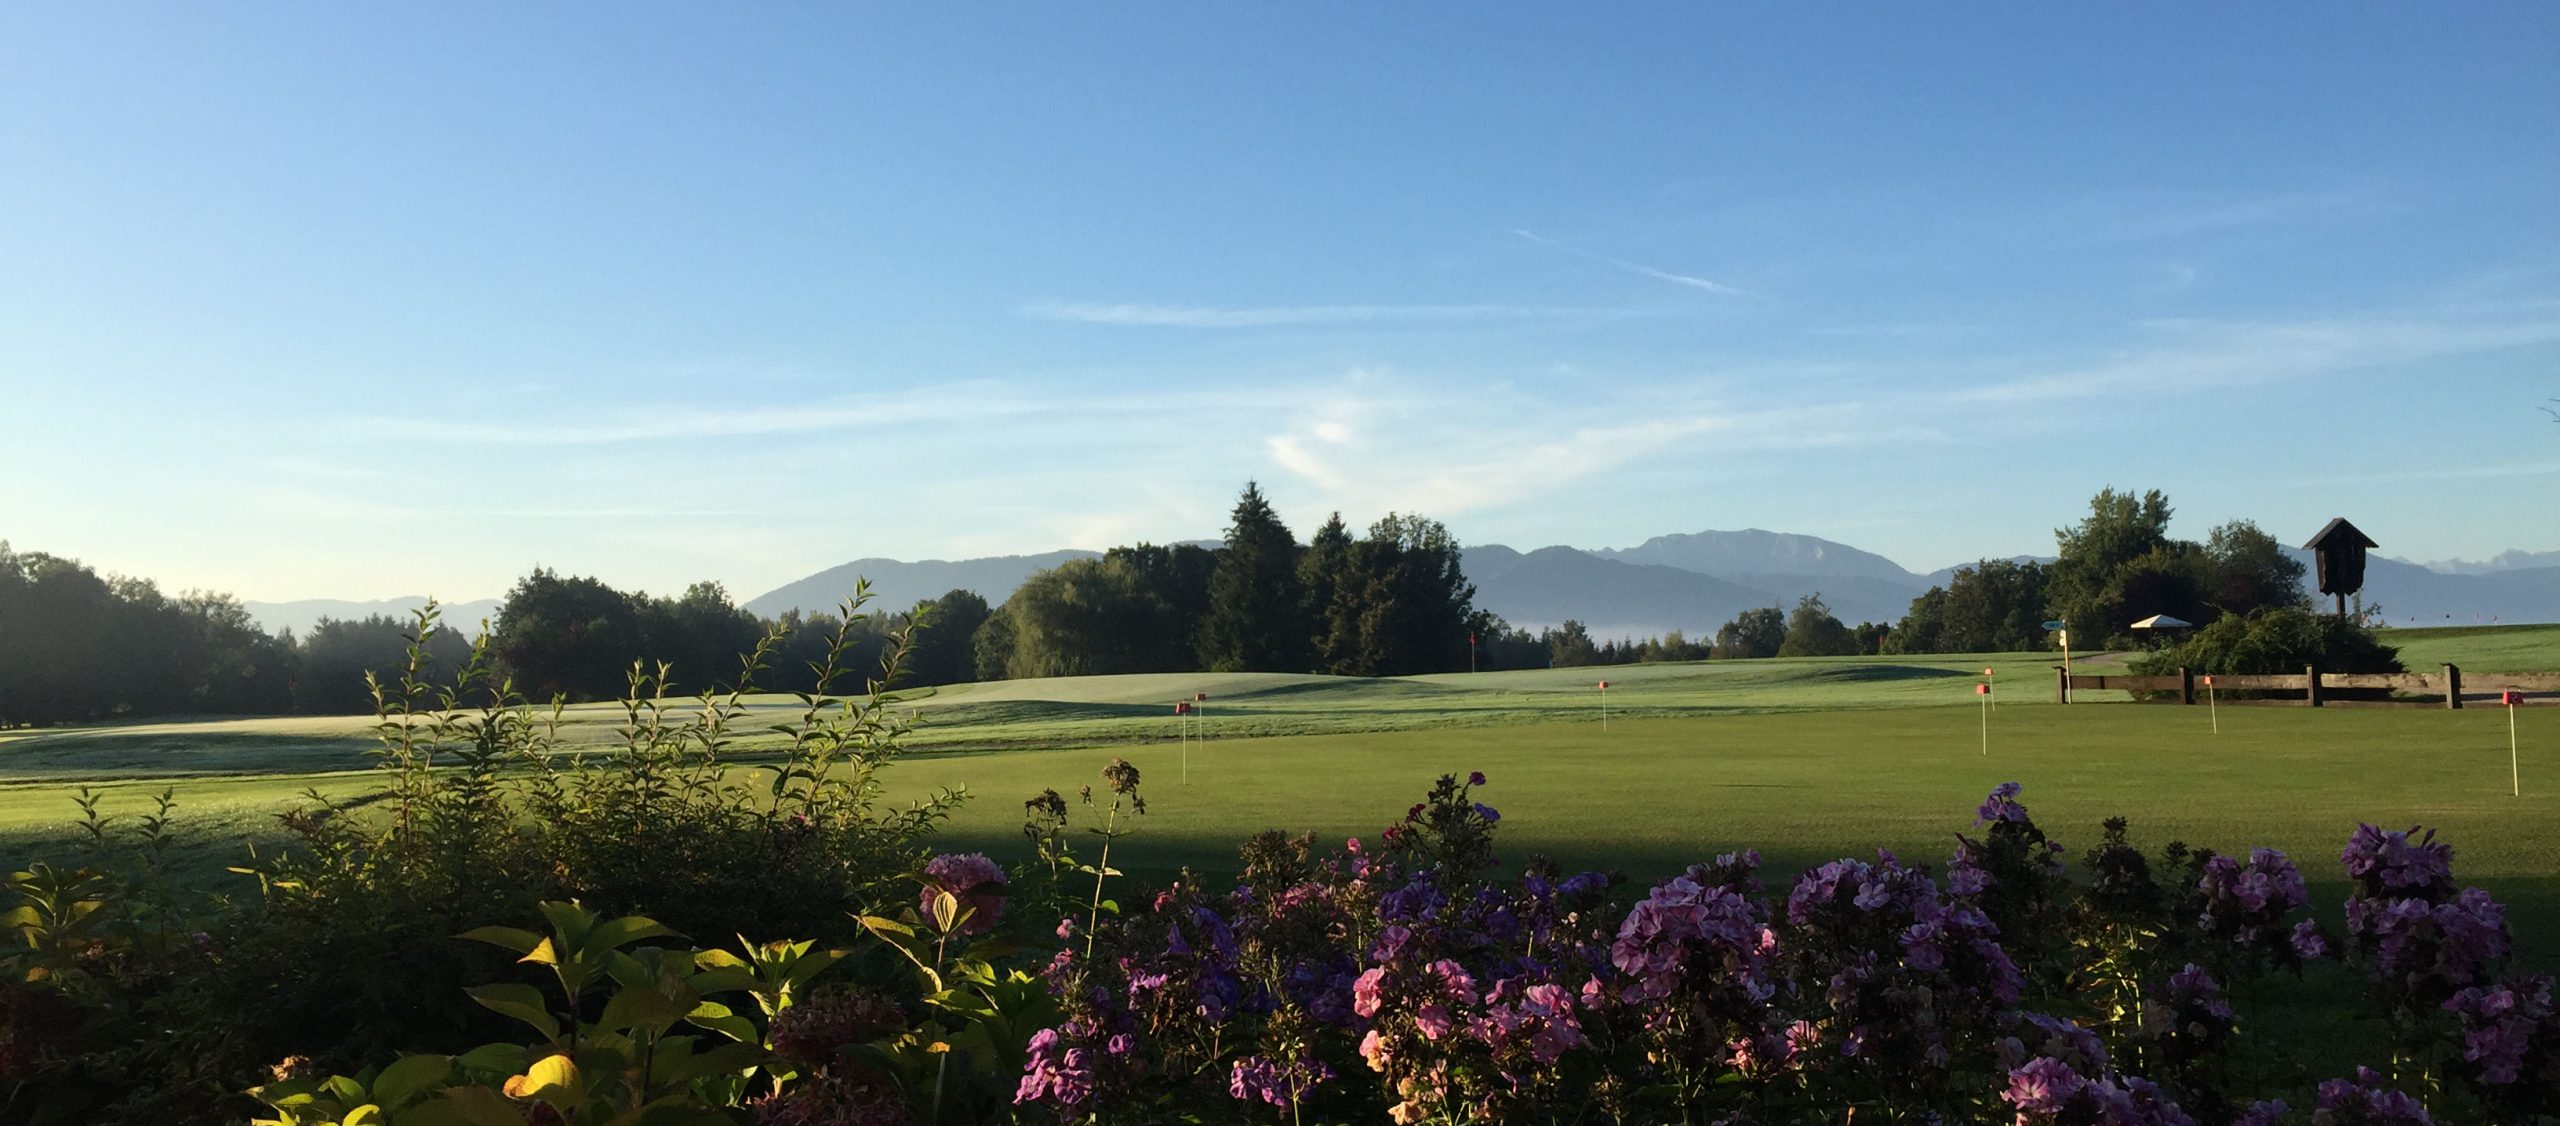 Golfclub Beuerberg - eine der schönsten Golfanlagen Deutschlands